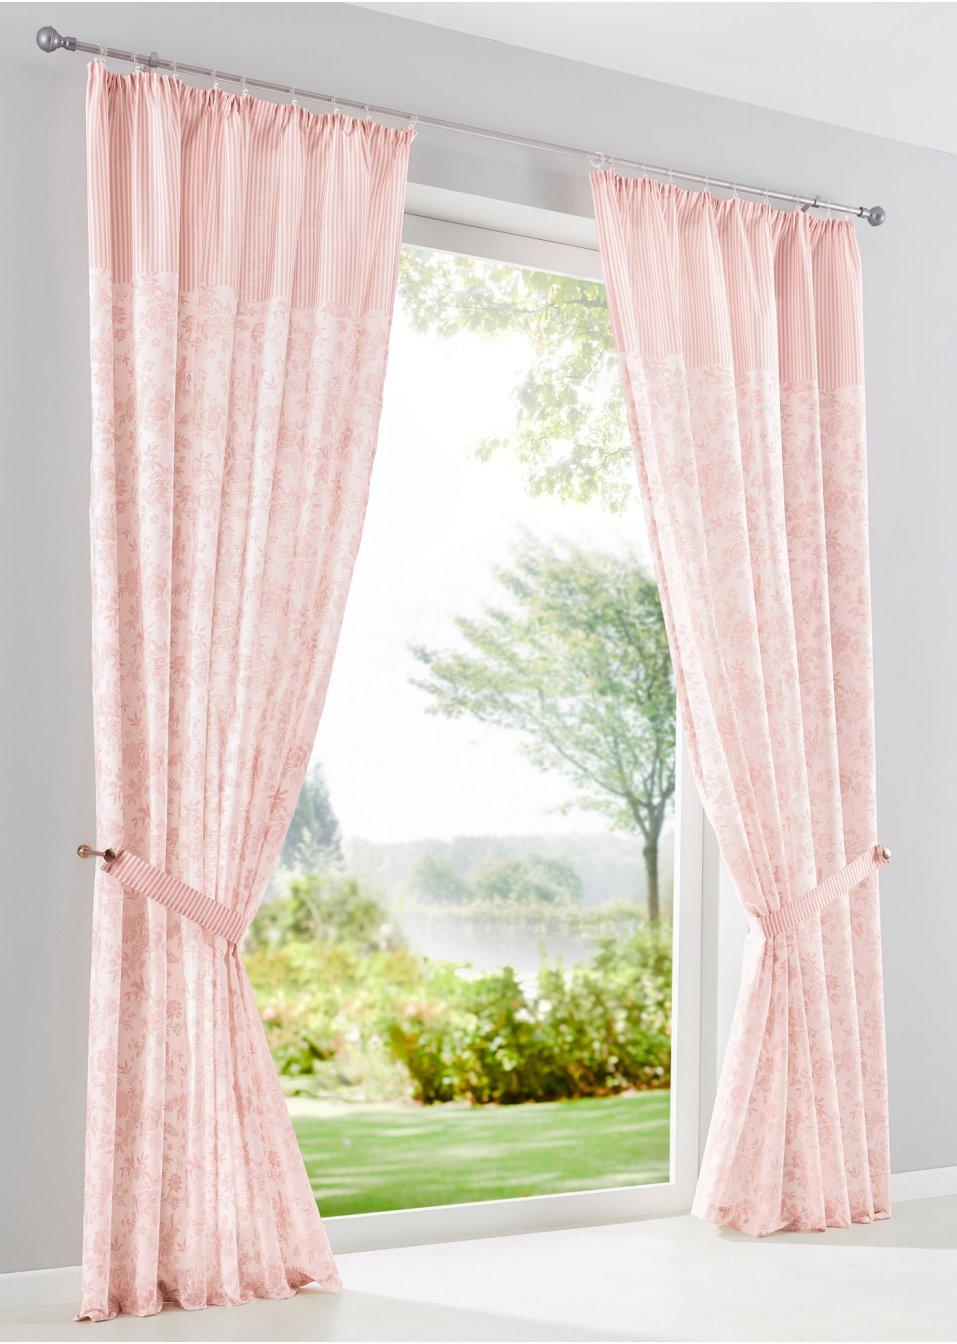 vorhang rebecca 1er pack rose bpc living online bestellen. Black Bedroom Furniture Sets. Home Design Ideas